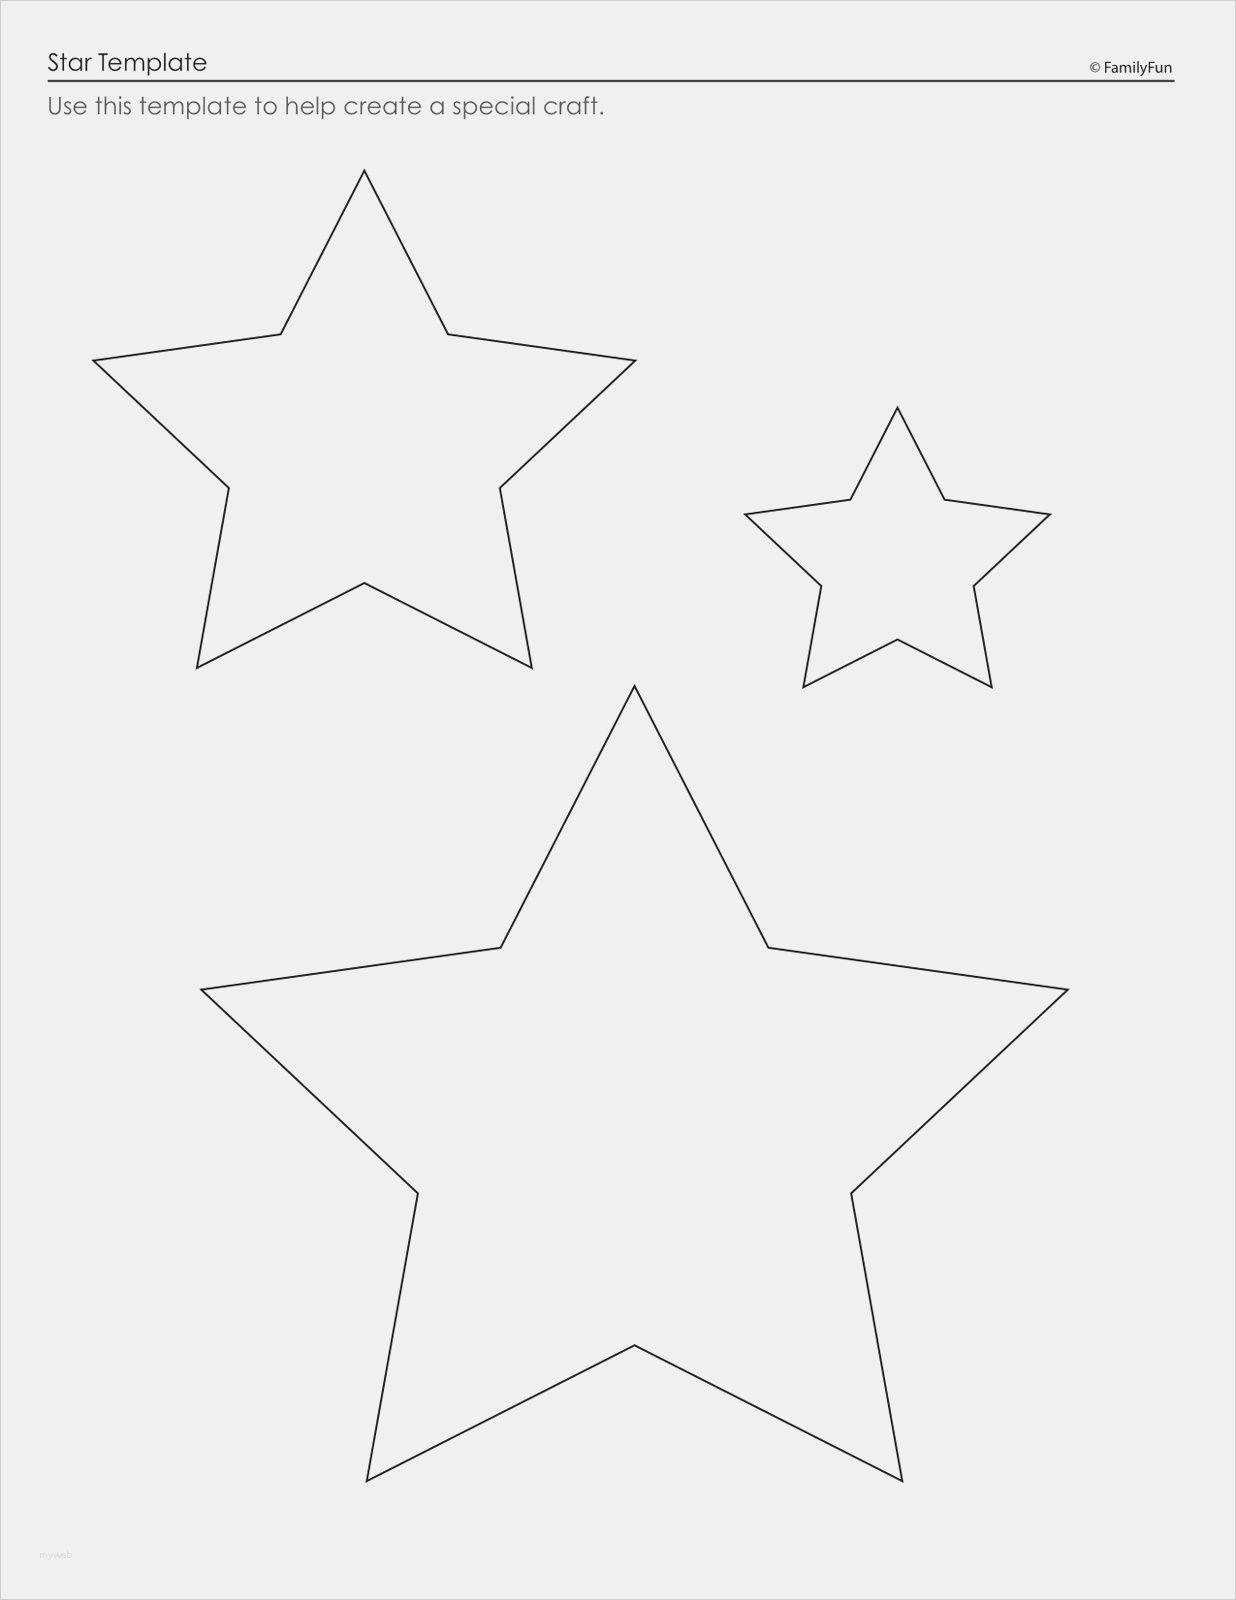 Vorlage Stern Groß Zum Ausdrucken Süß Haikele Made bestimmt für Druckvorlage Stern